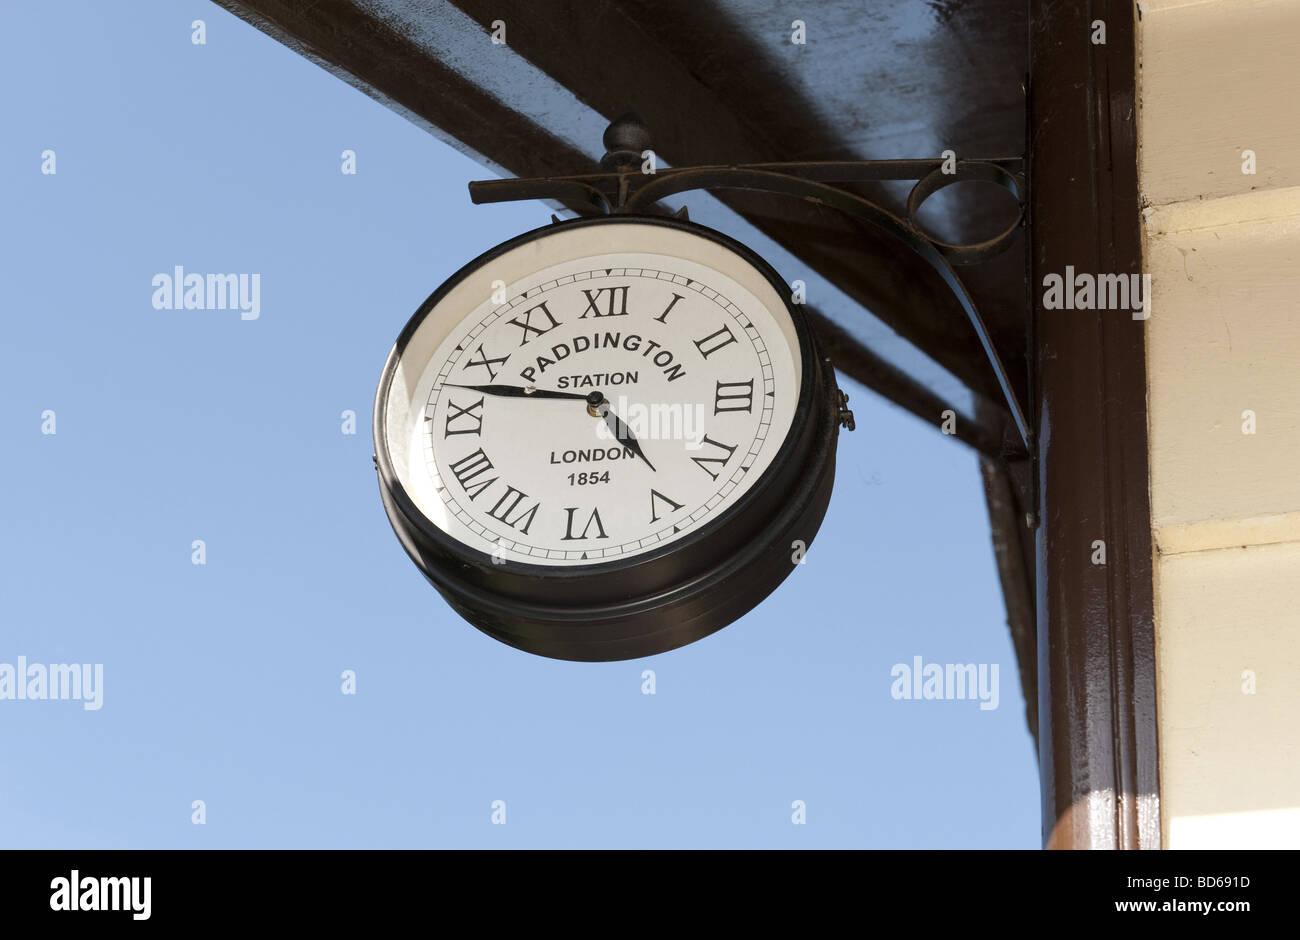 Chiffre Romain 4 la gare de paddington mural horloge analogique de marque avec